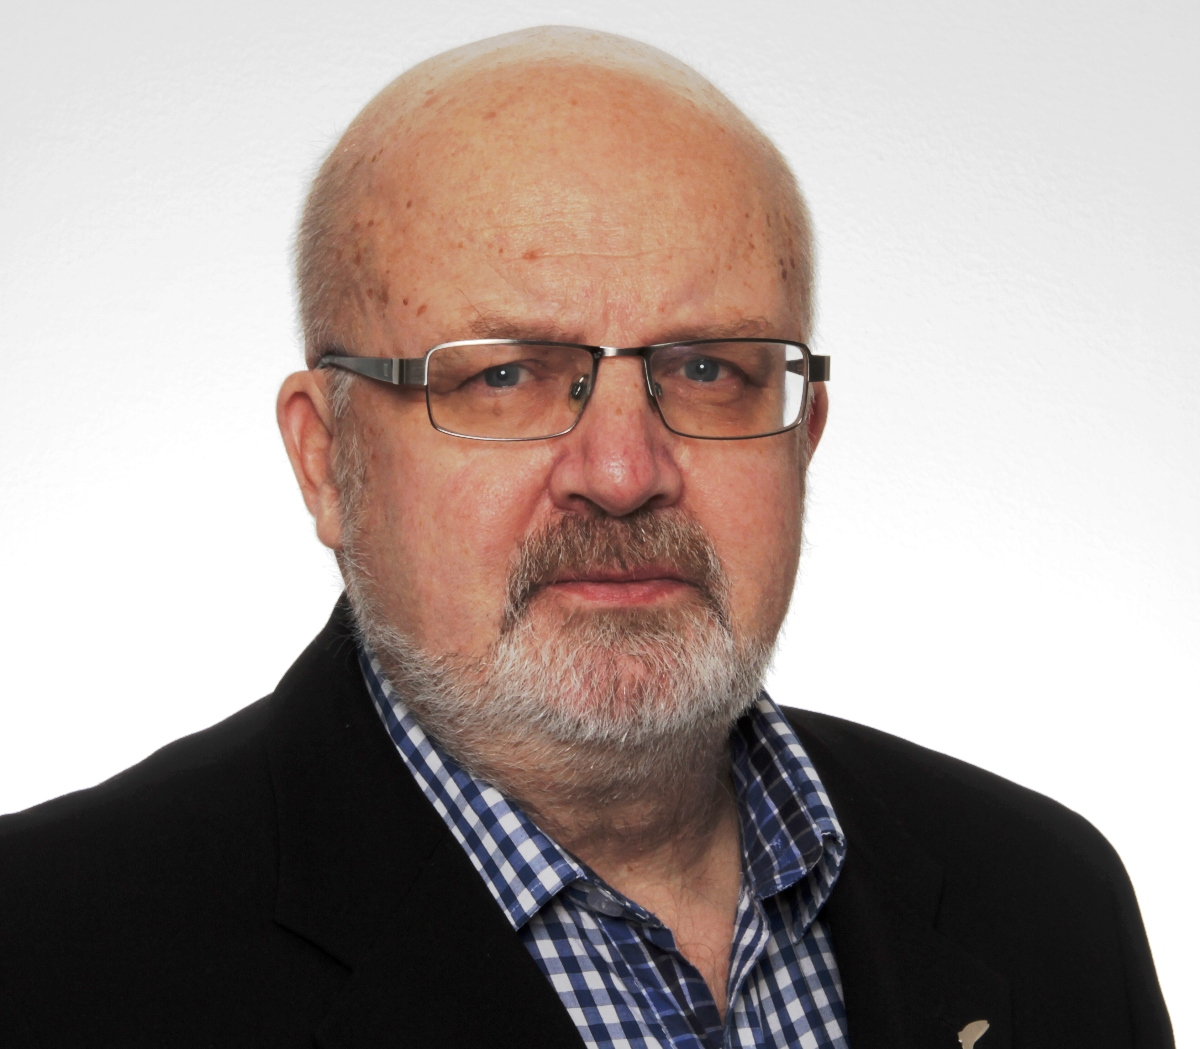 Kittilän vt. kunnanjohtaja Kyösti Tornberg.